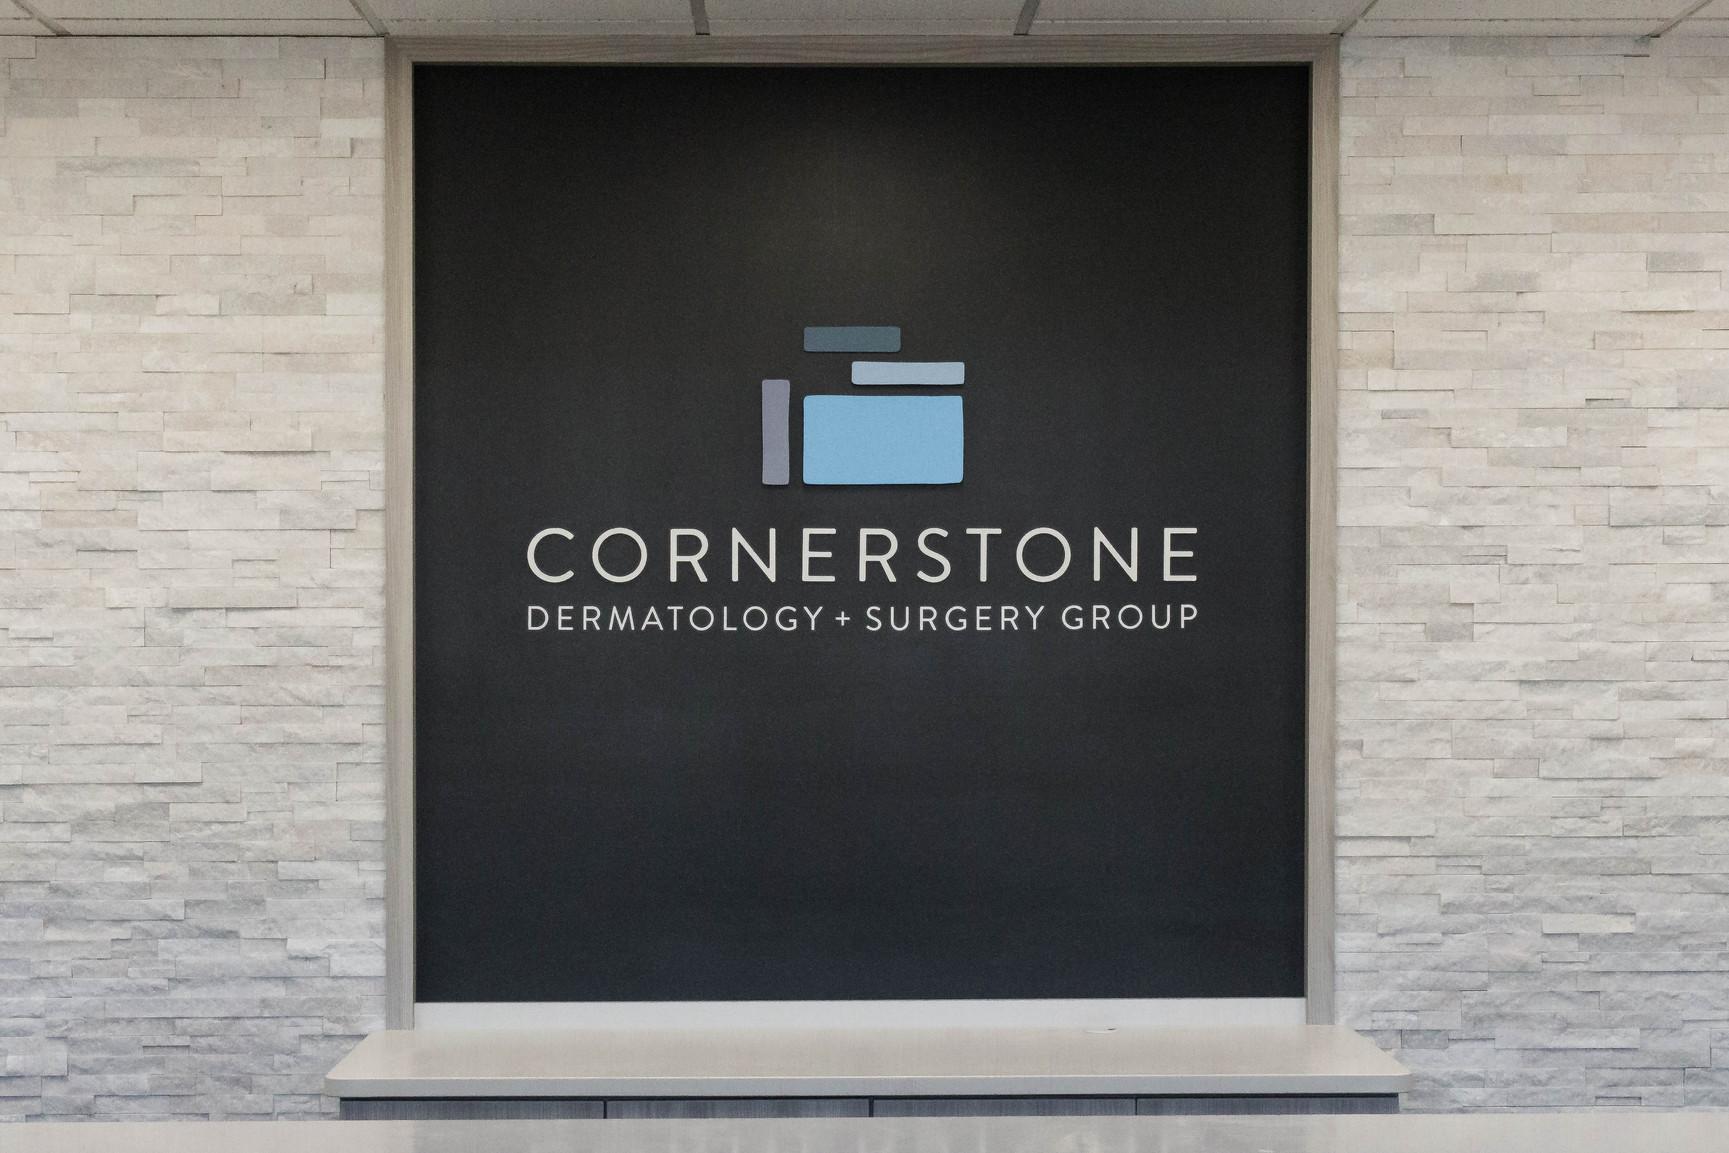 Cornerstone Dermatology